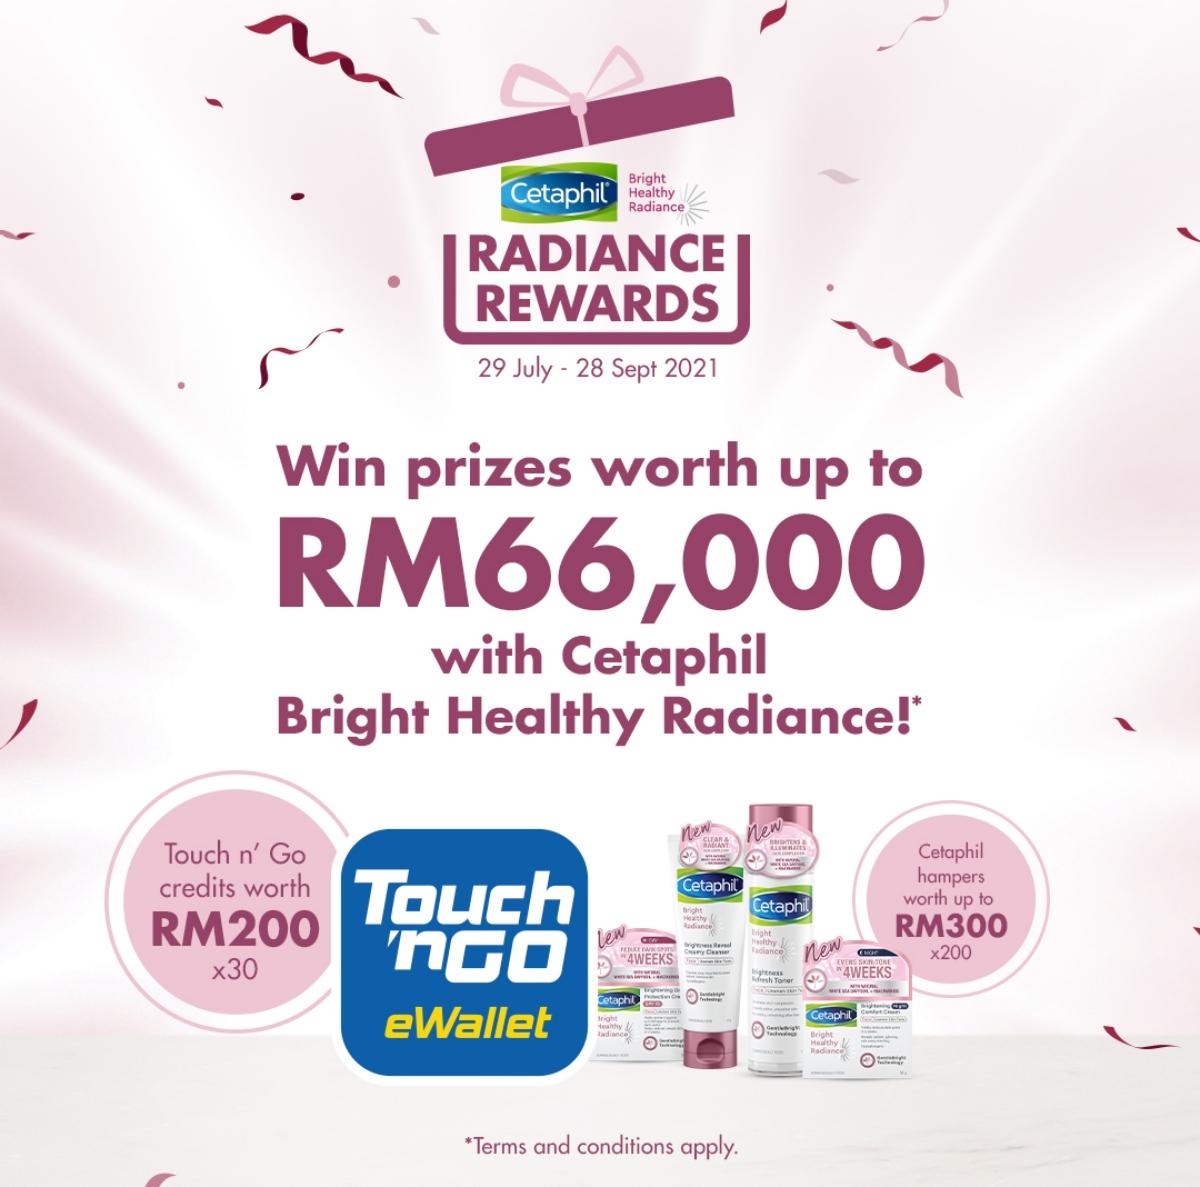 Radiance Reward contest